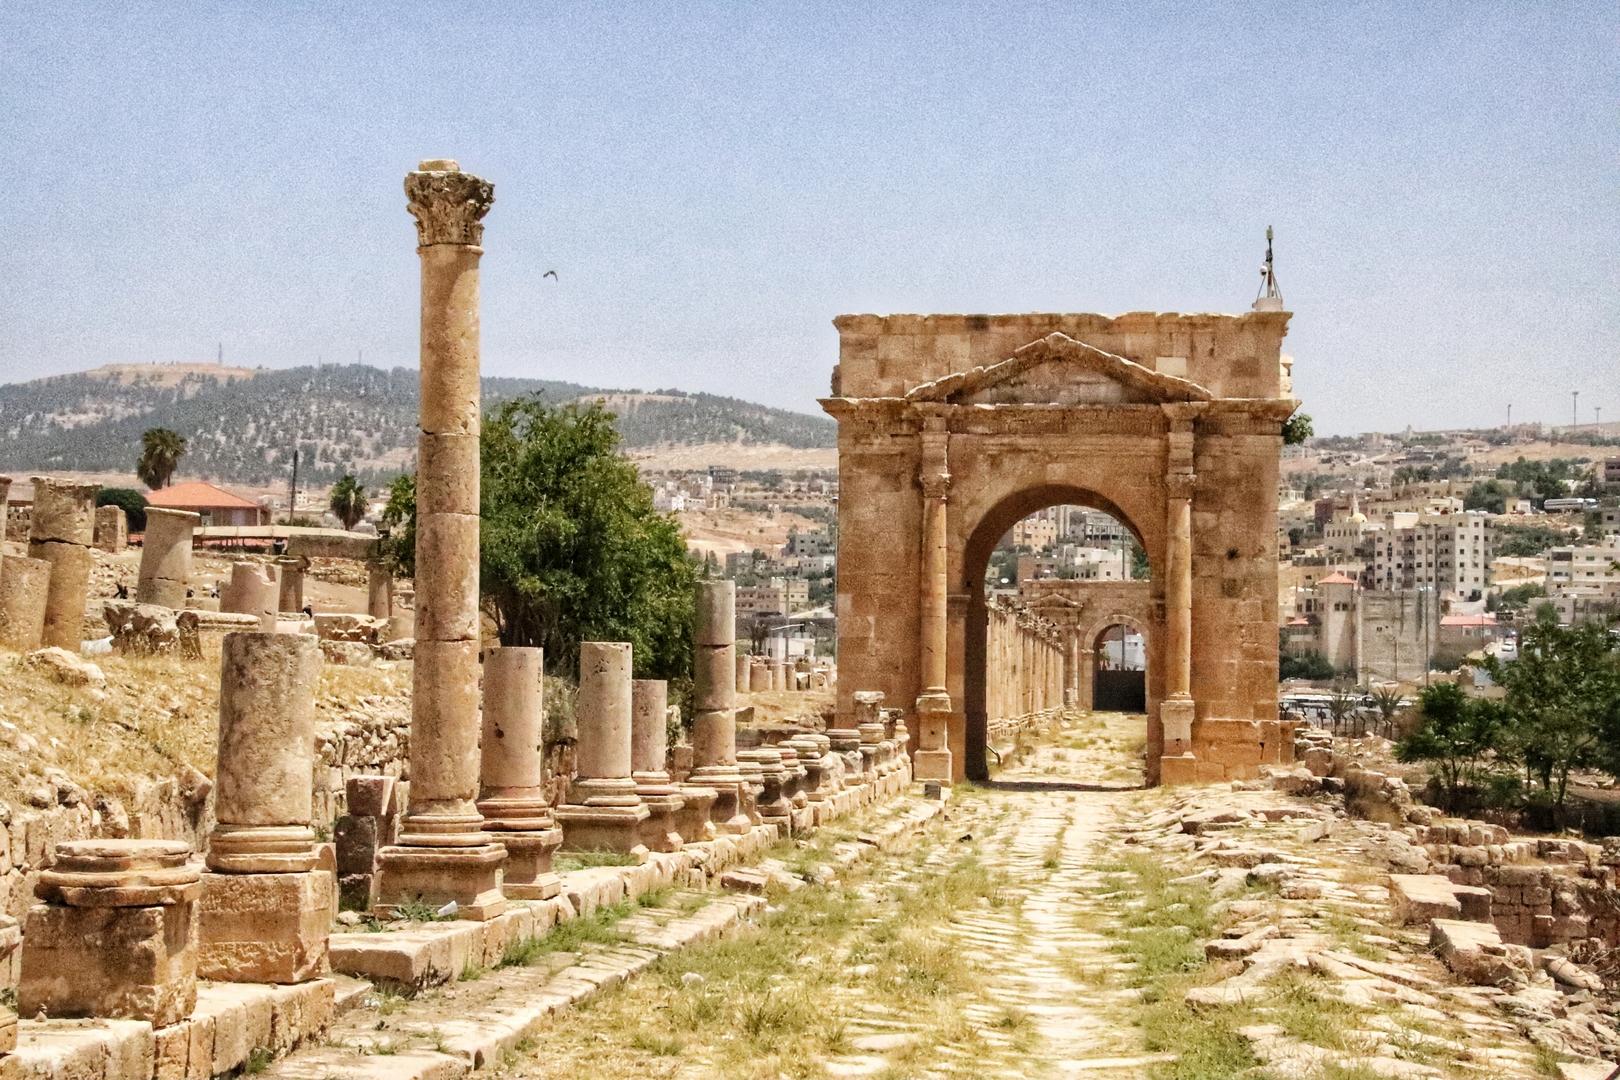 Jordanie - Rue des colonnades et tétrapyle sur le site romain de Jerash